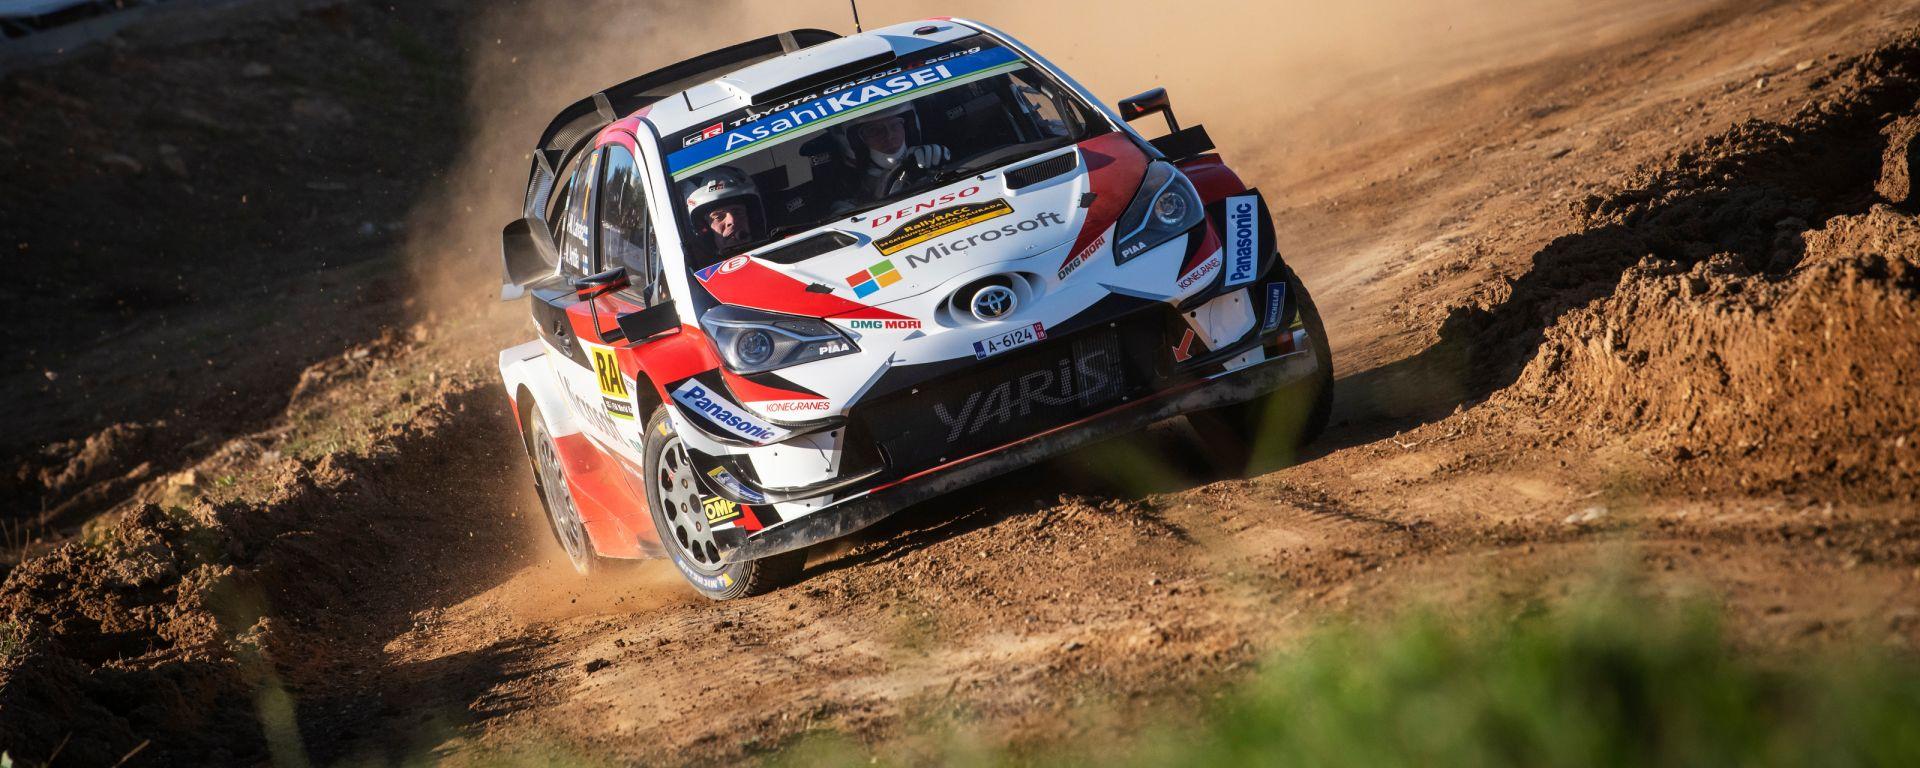 Toyota Yaris Wrc Plus - Rally di Spagna 2018